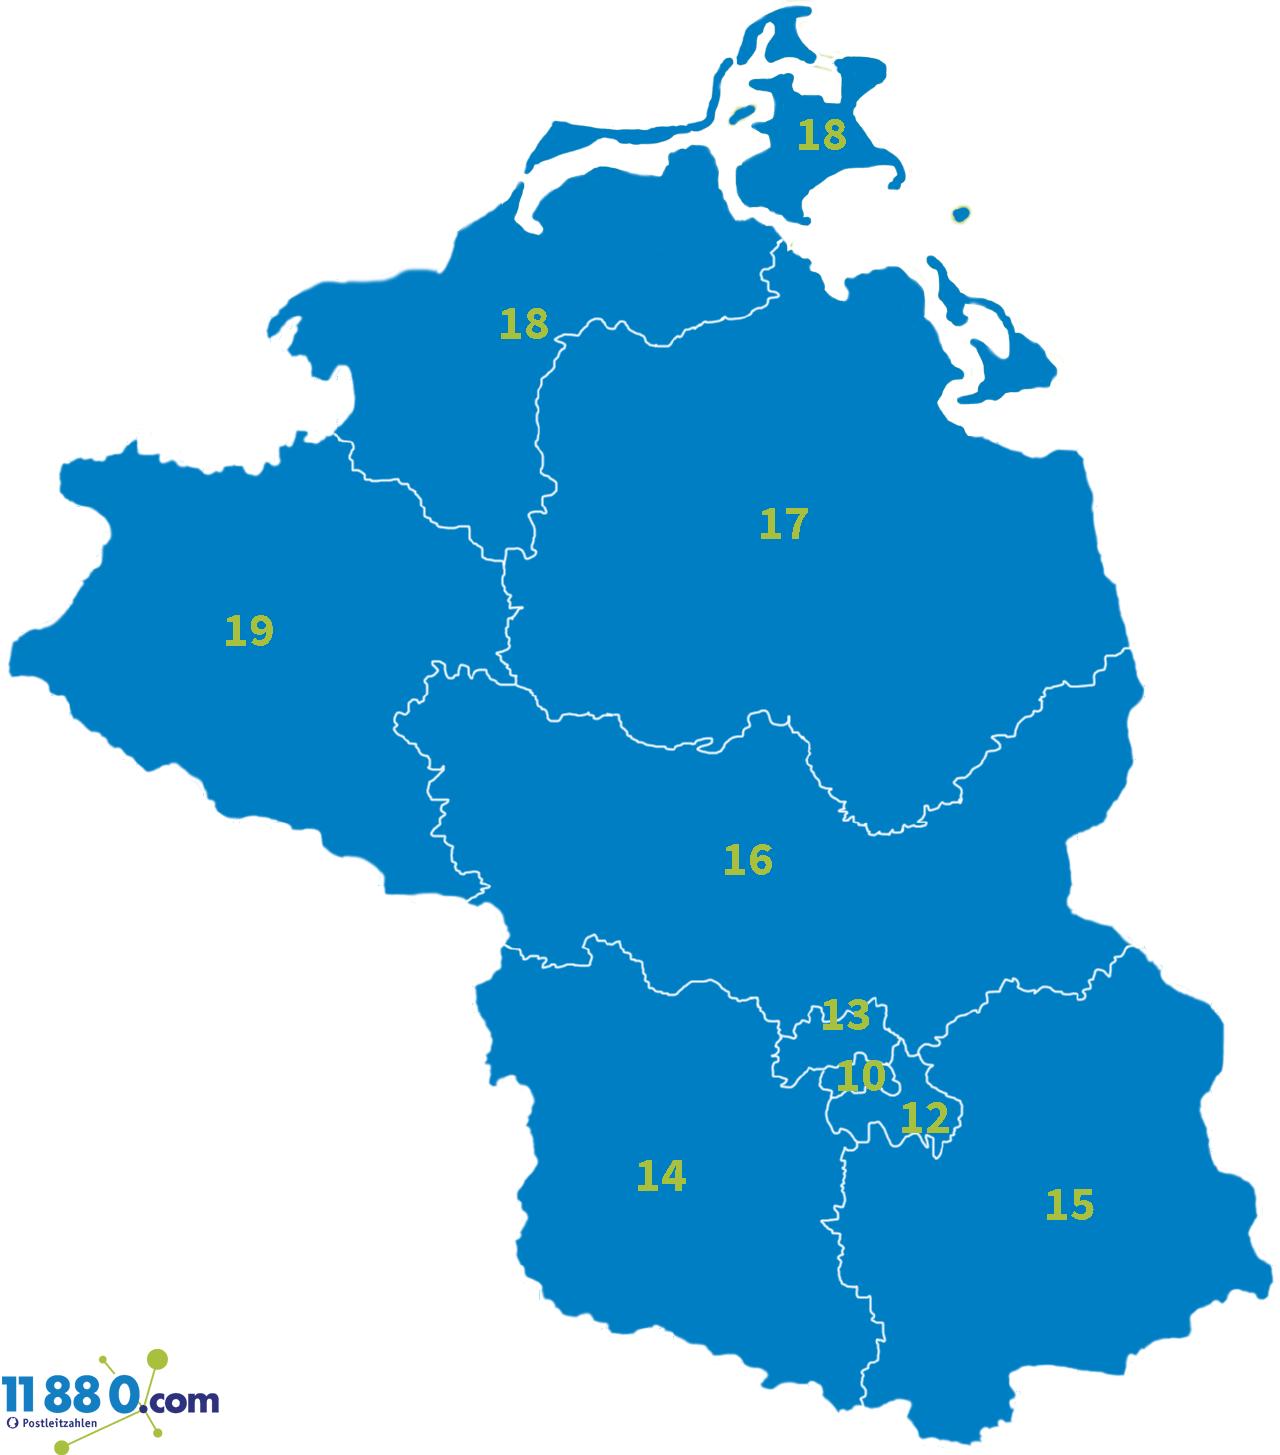 Bundesländer plz der PLZ